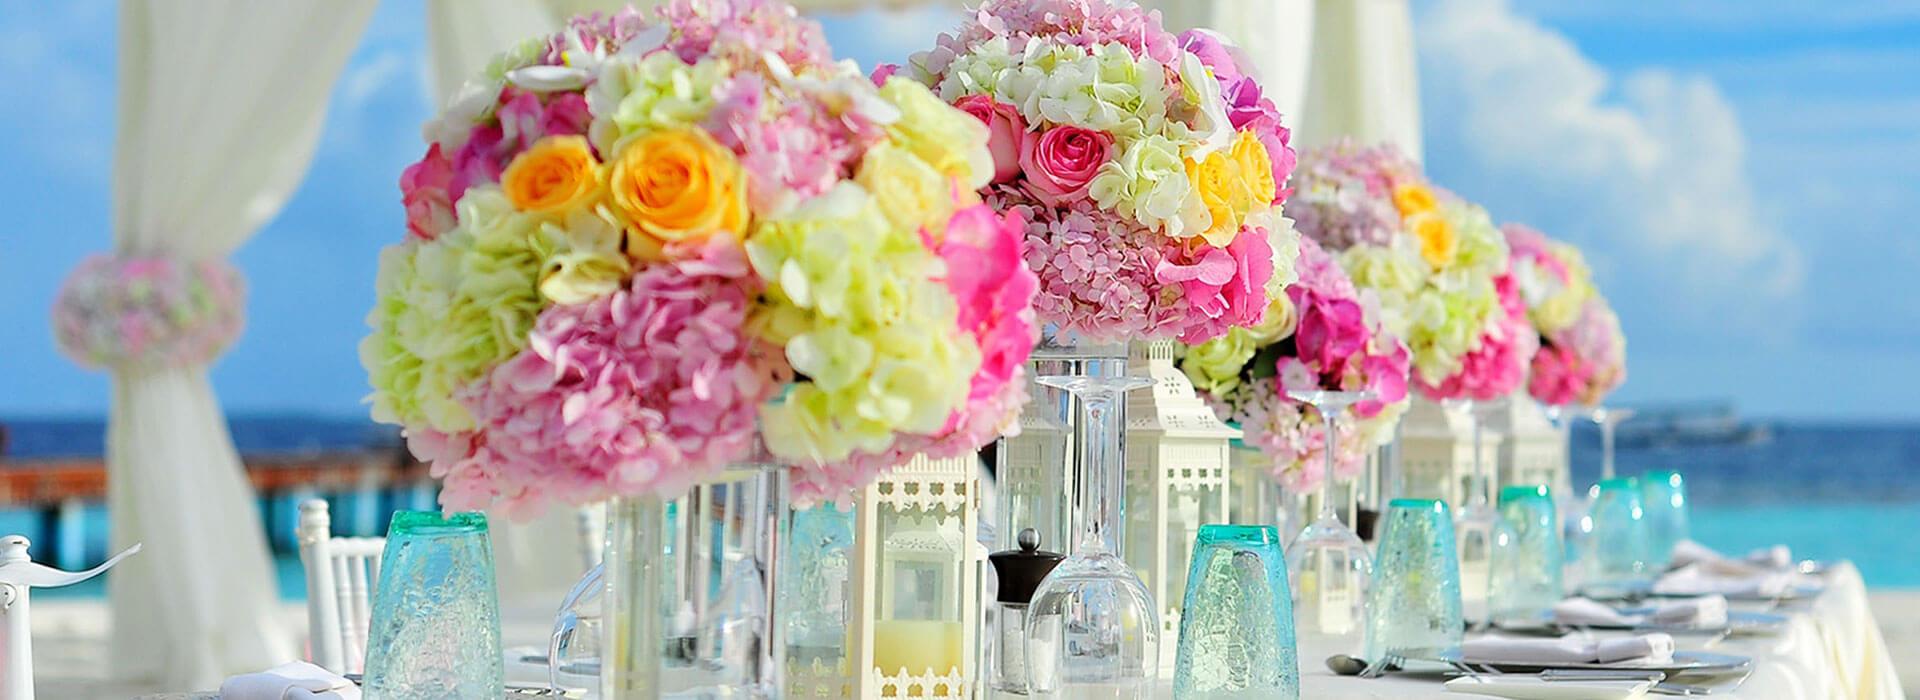 Arrangements für Hochzeit und Feste bei Blumen Bachhubers Florale Welten in Zwiesel